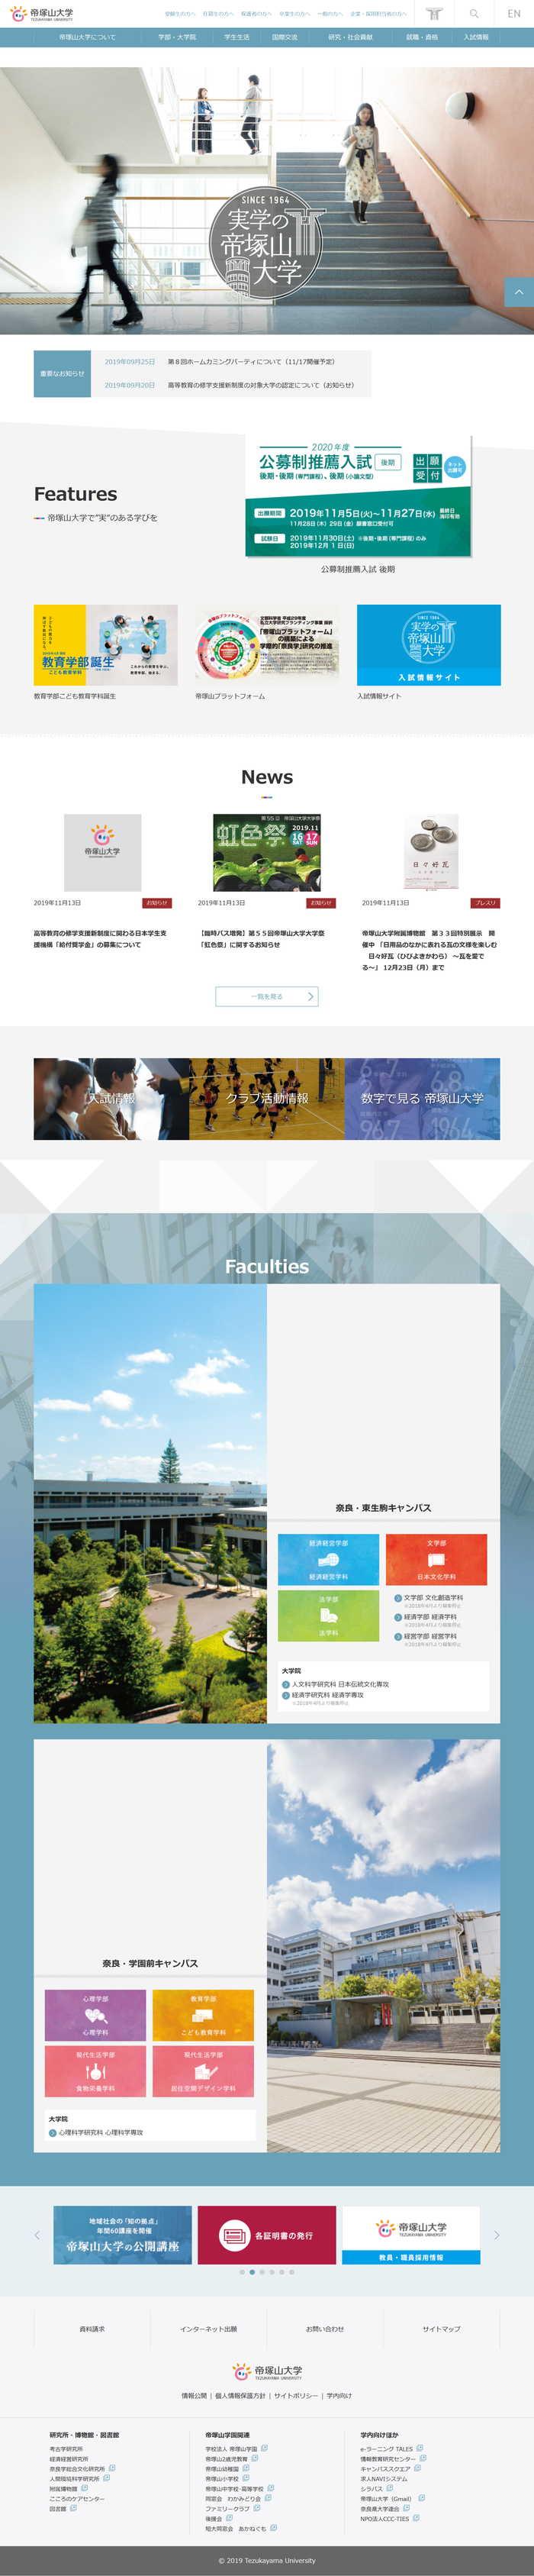 実学の帝塚山大学